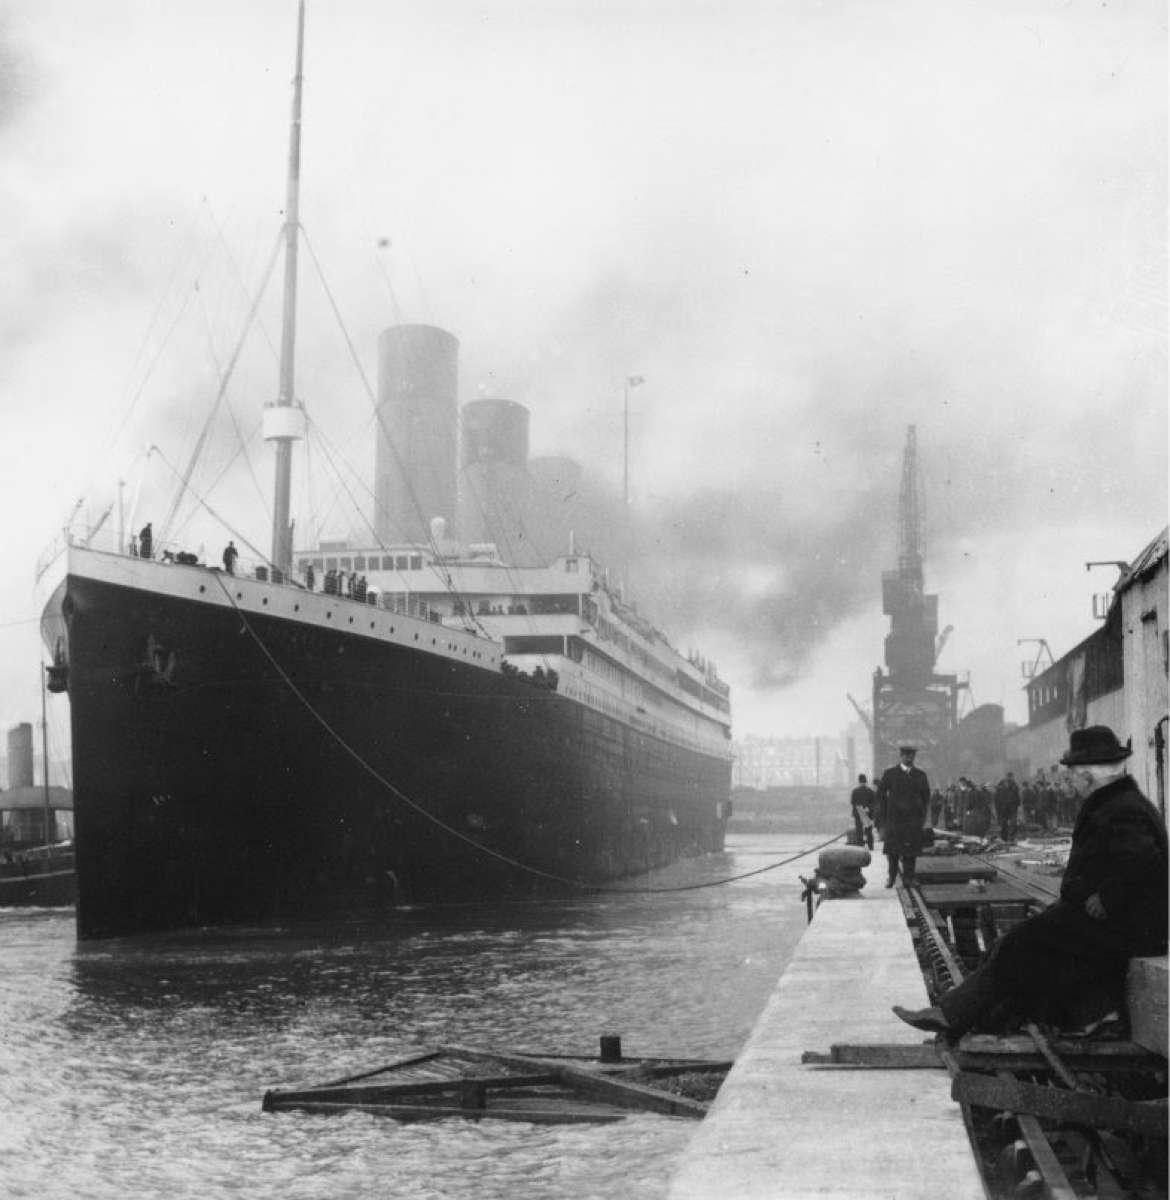 Відправка Титаніка з порту Саутґемптона (1912 рік)